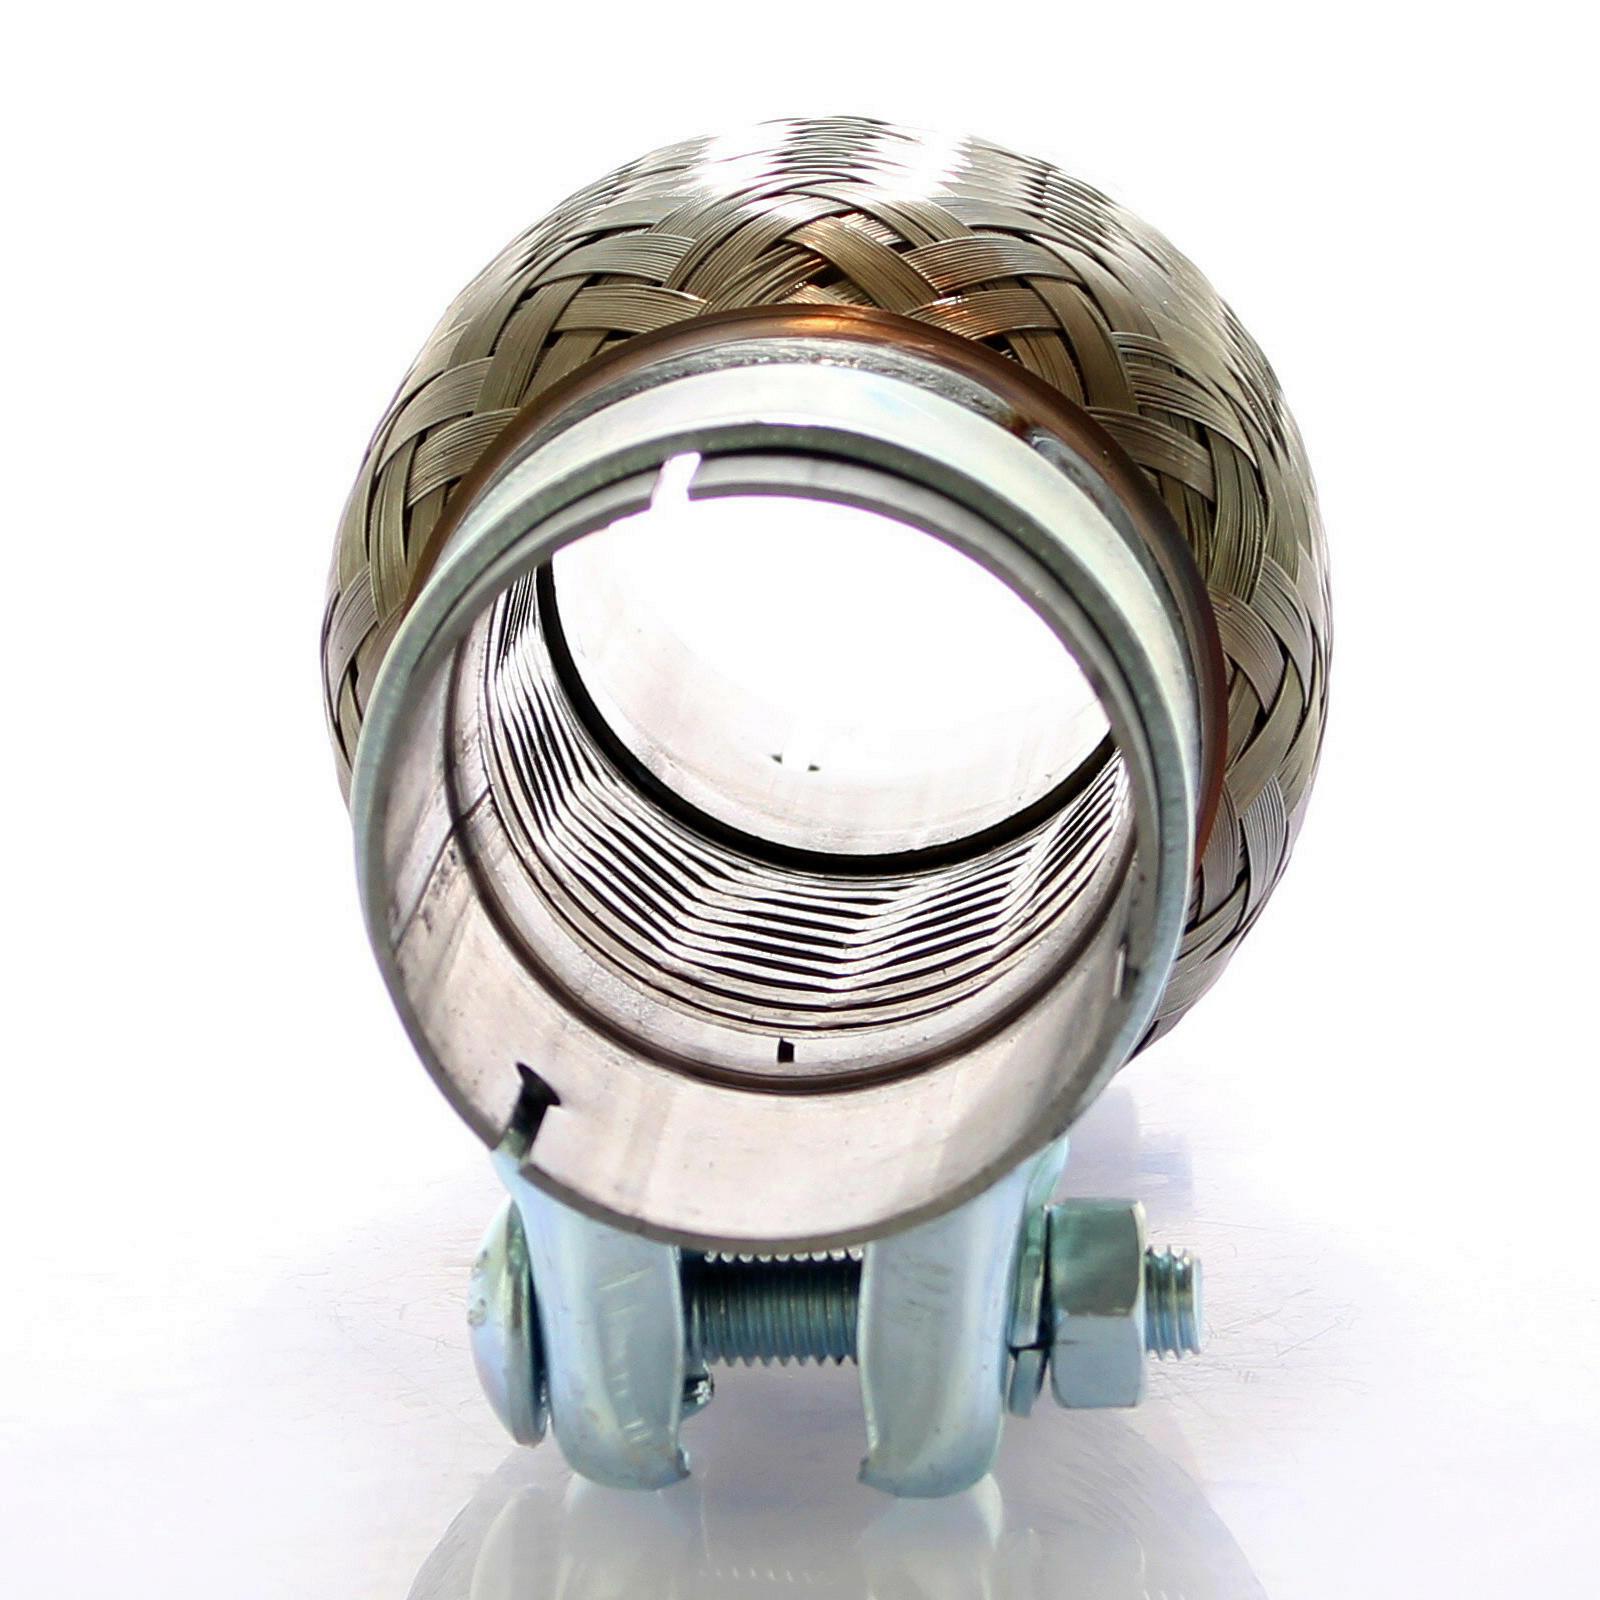 Flexrohr Set mit Bandschelle 60x100 mm